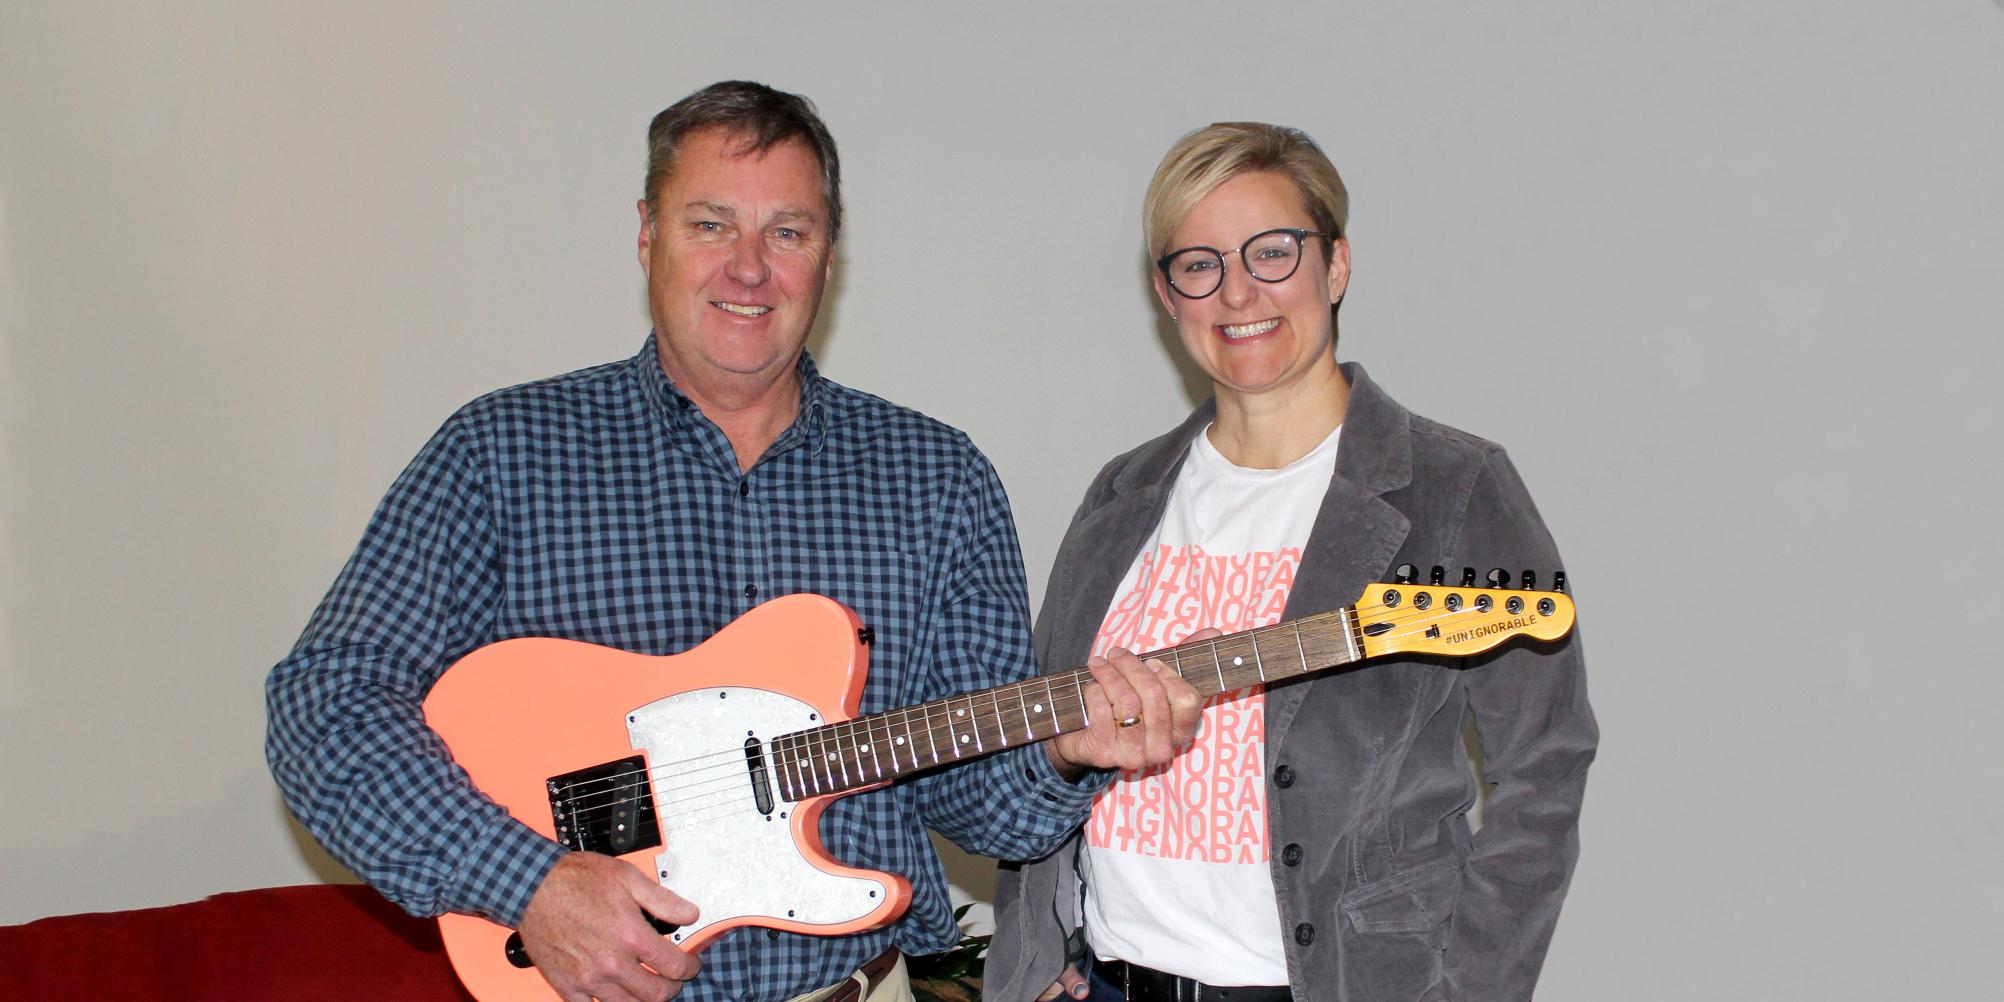 John Brett, #UNIGNORABLE guitar bidder and Kelly Ziegner, CEO